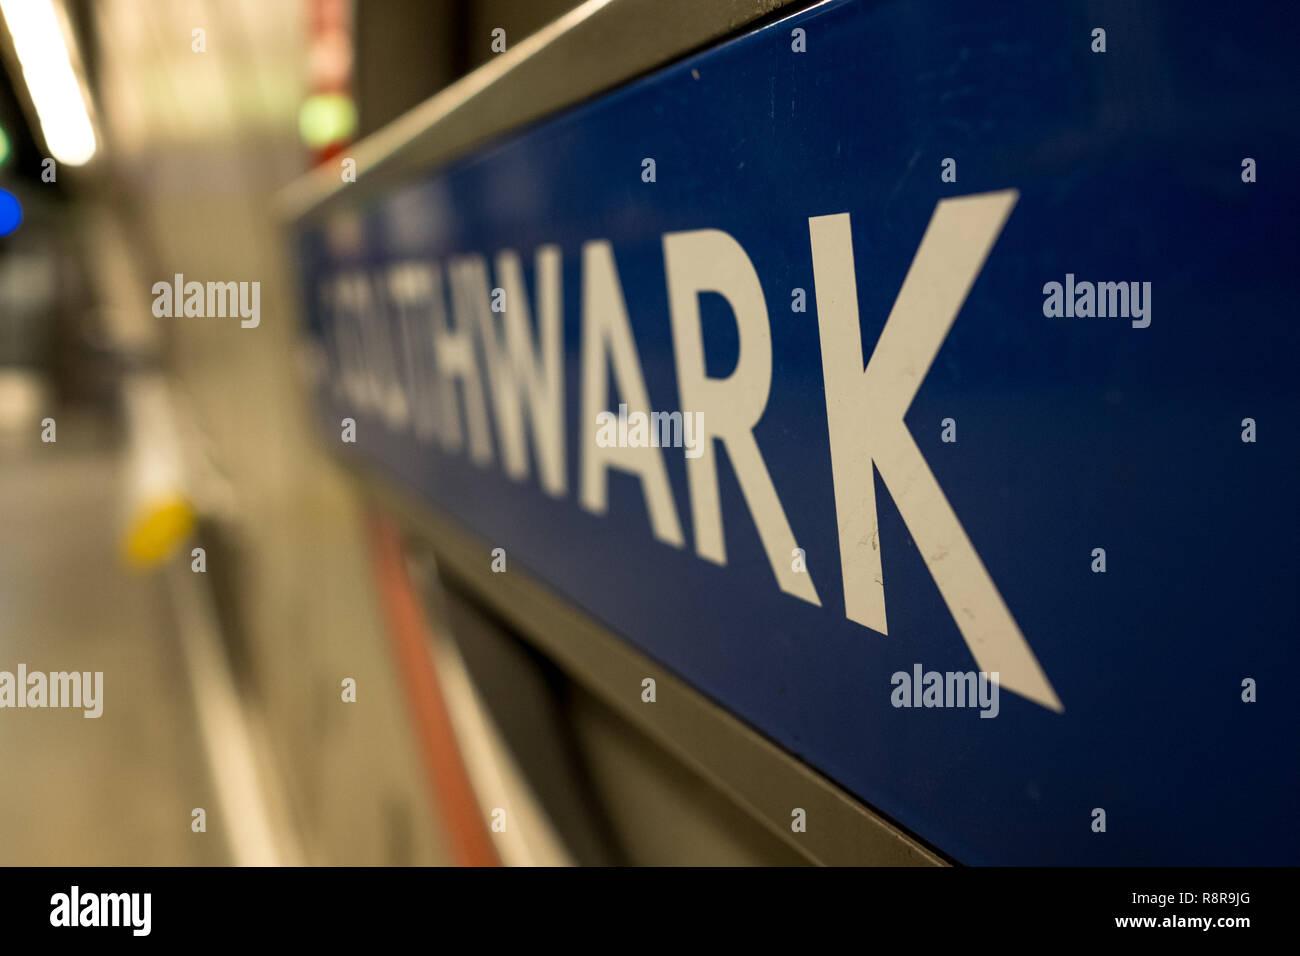 Platform at Southwark Underground Station, London UK showing station name in TFL roundel. - Stock Image